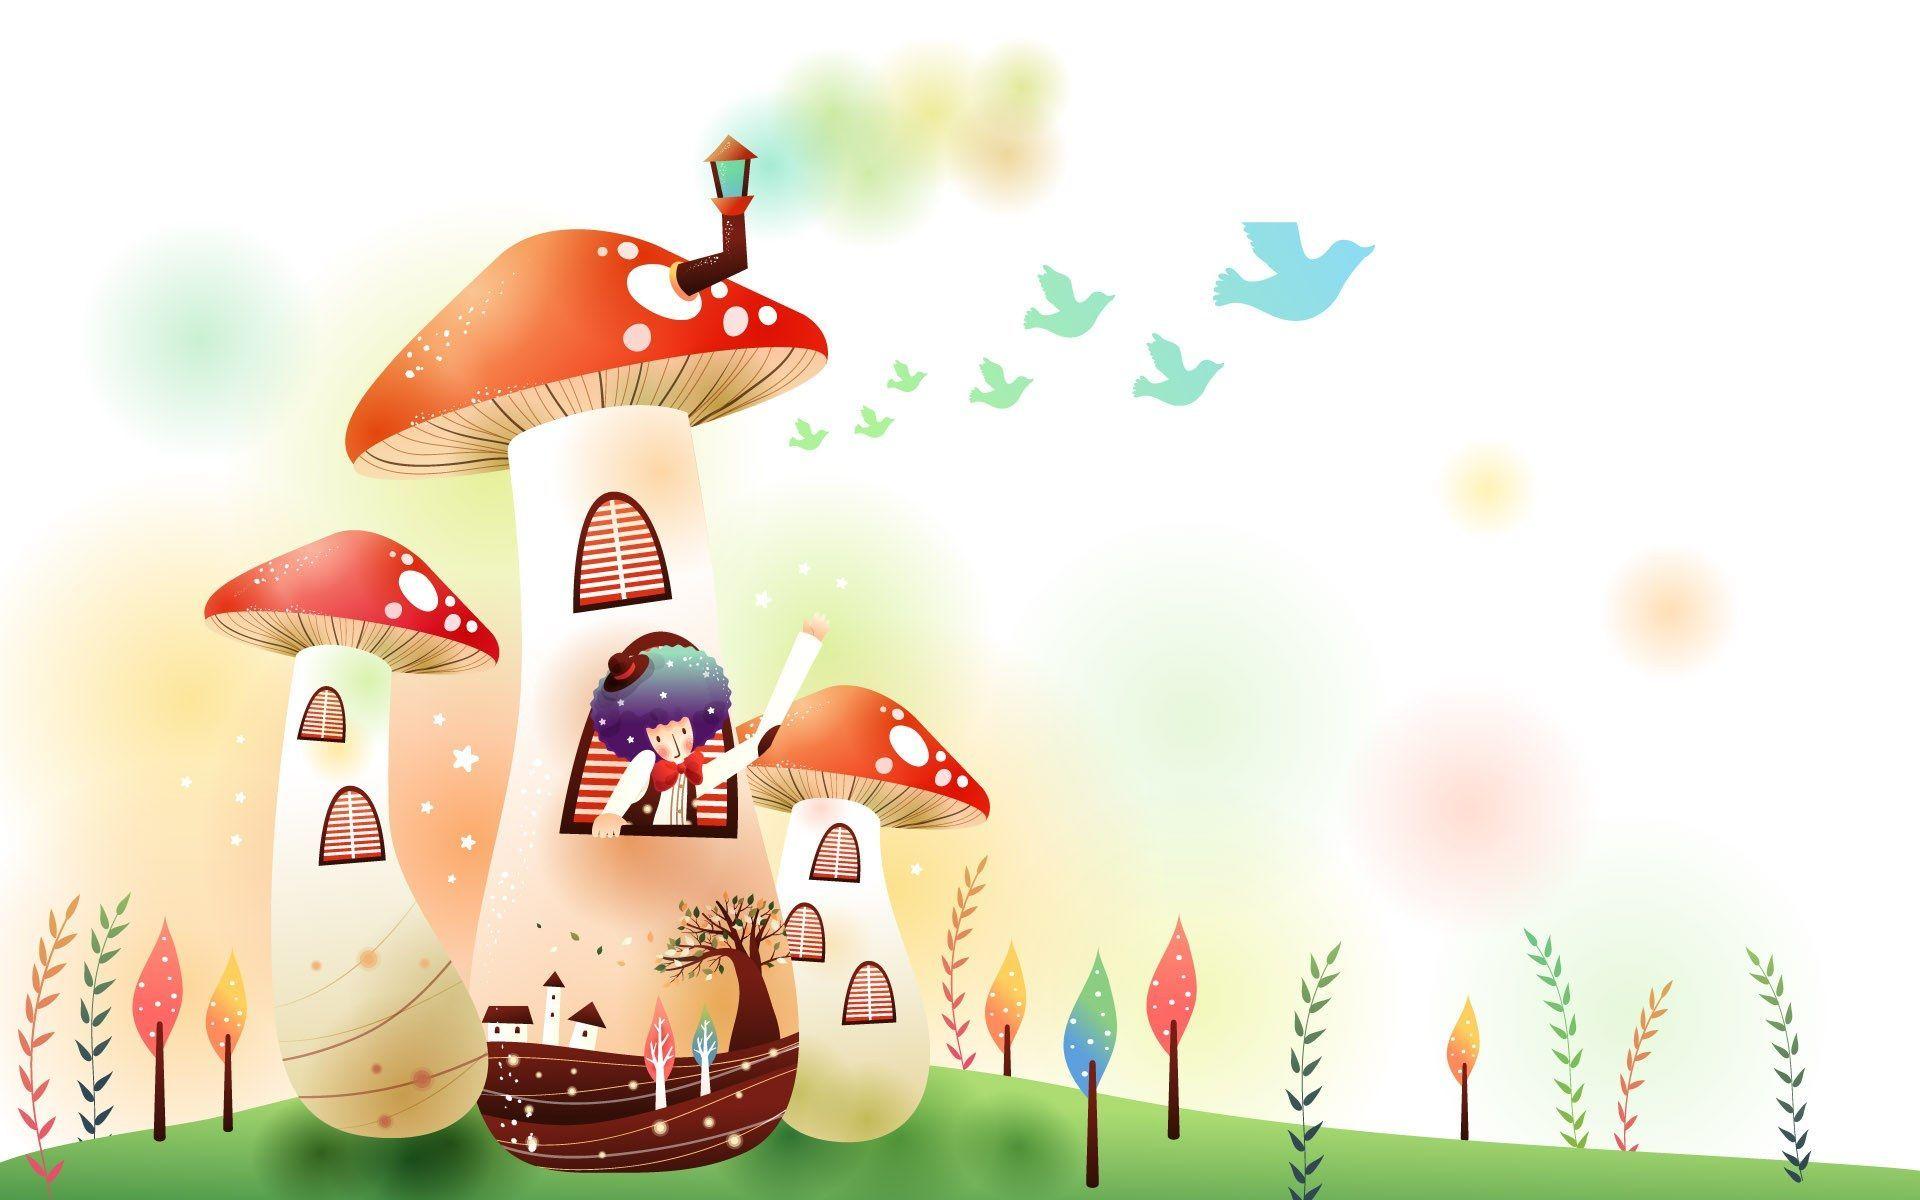 Mushroom clipart wallpaper Mushroom mushroom Cartoon www Showing